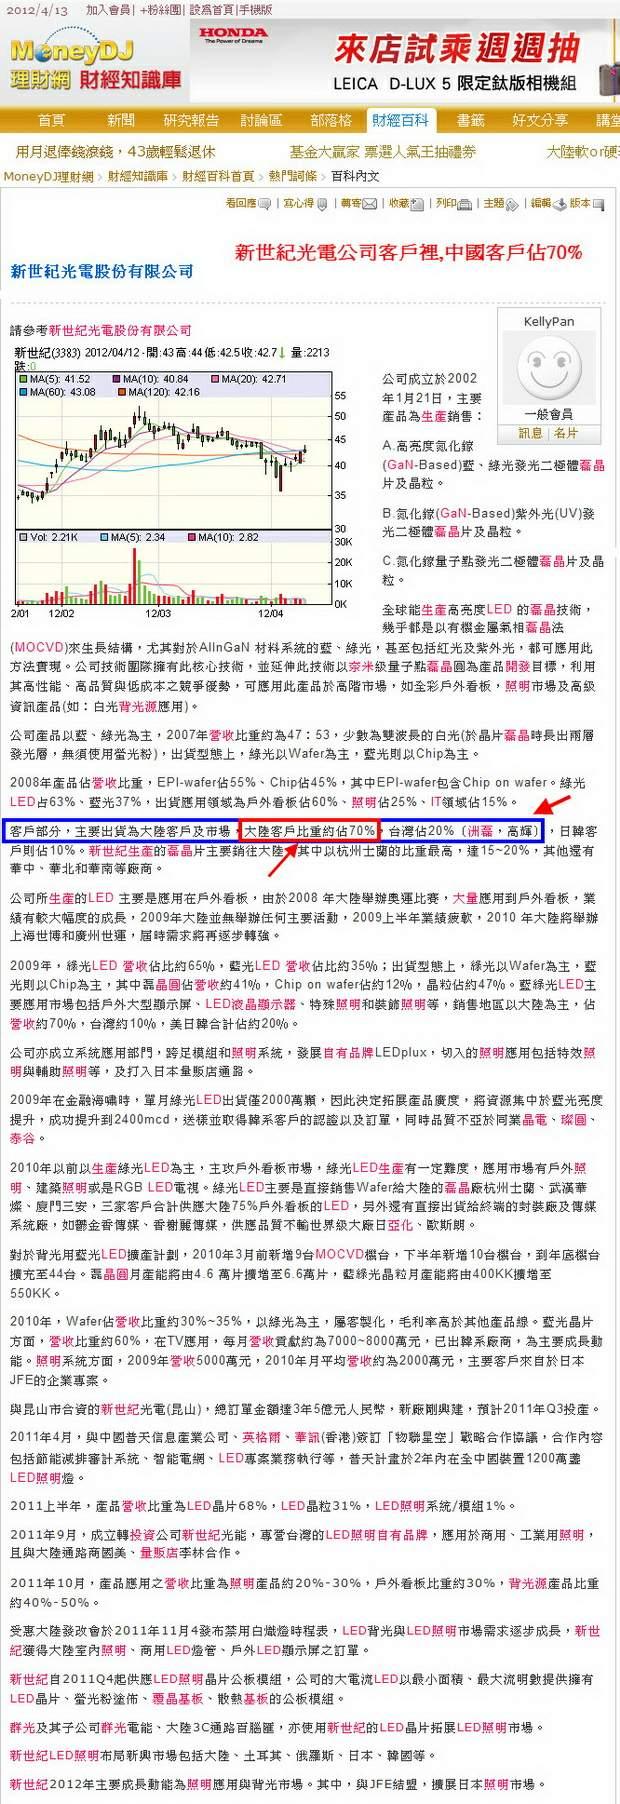 新世紀光電股份有限公司-2012.04.12